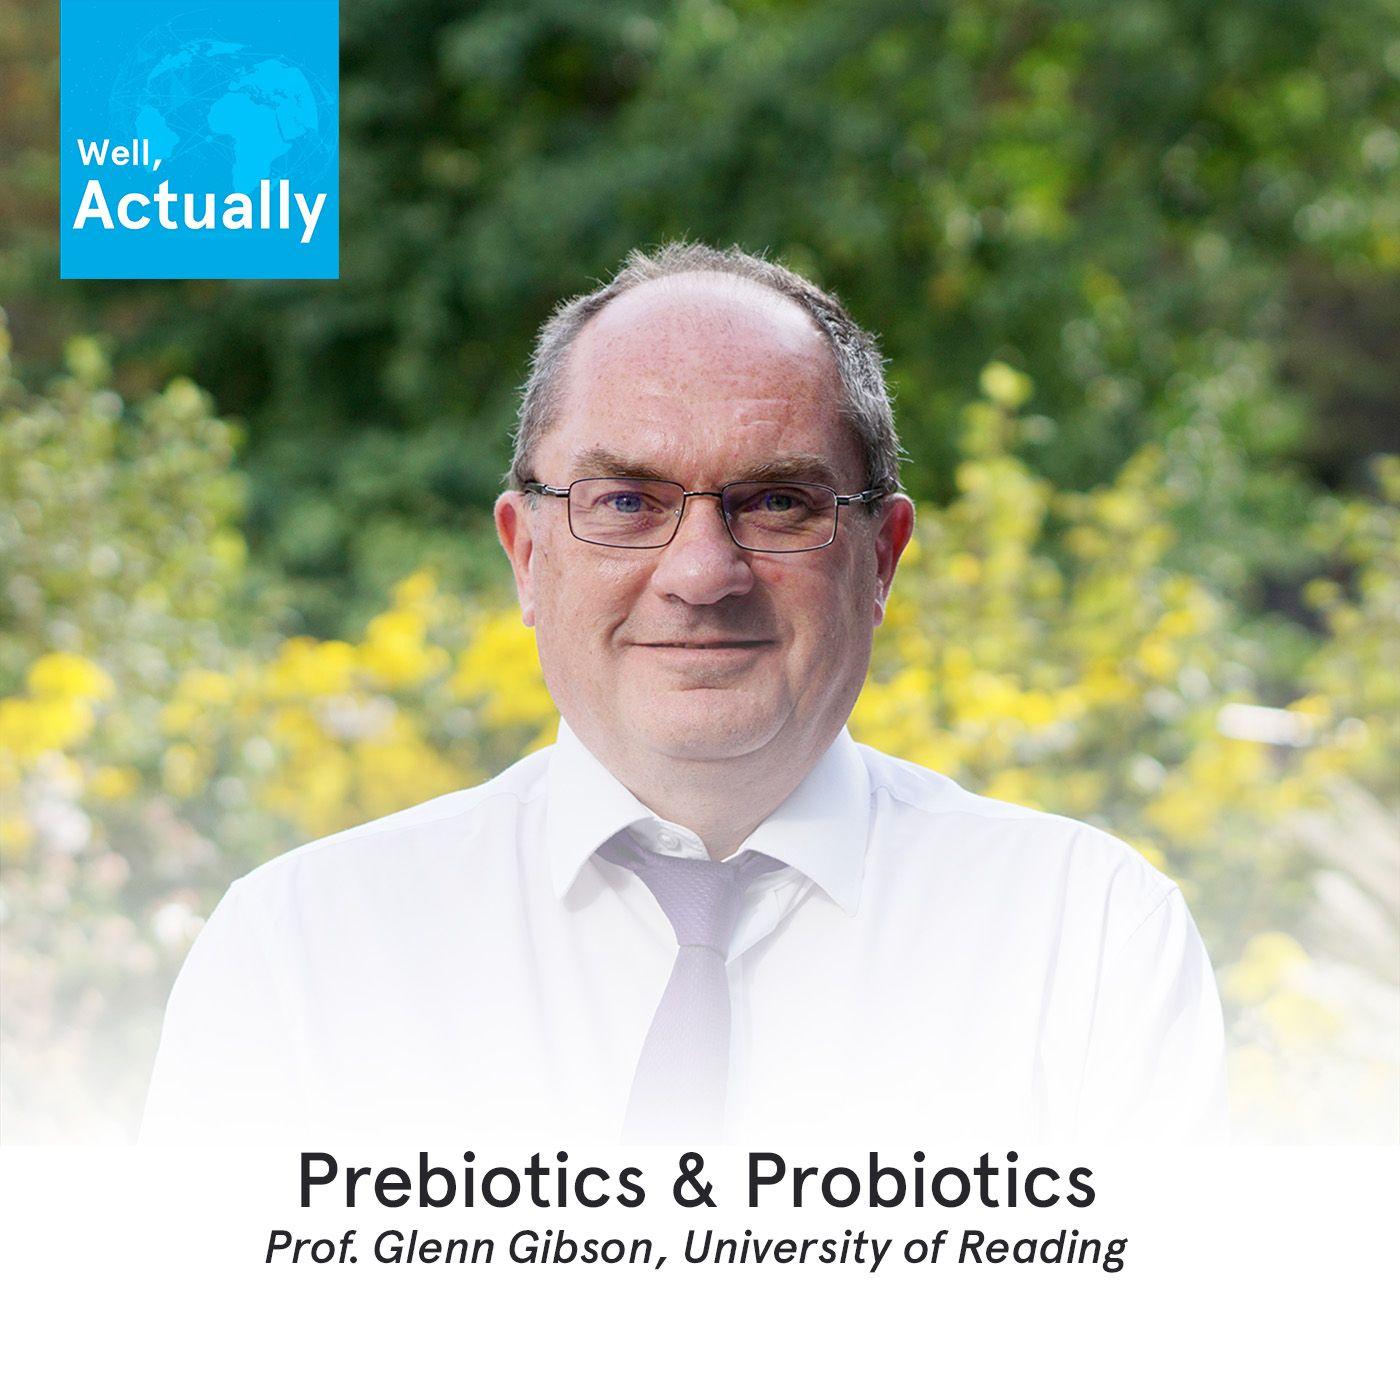 02 - Probiotics & Prebiotics | Prof Glenn Gisbon